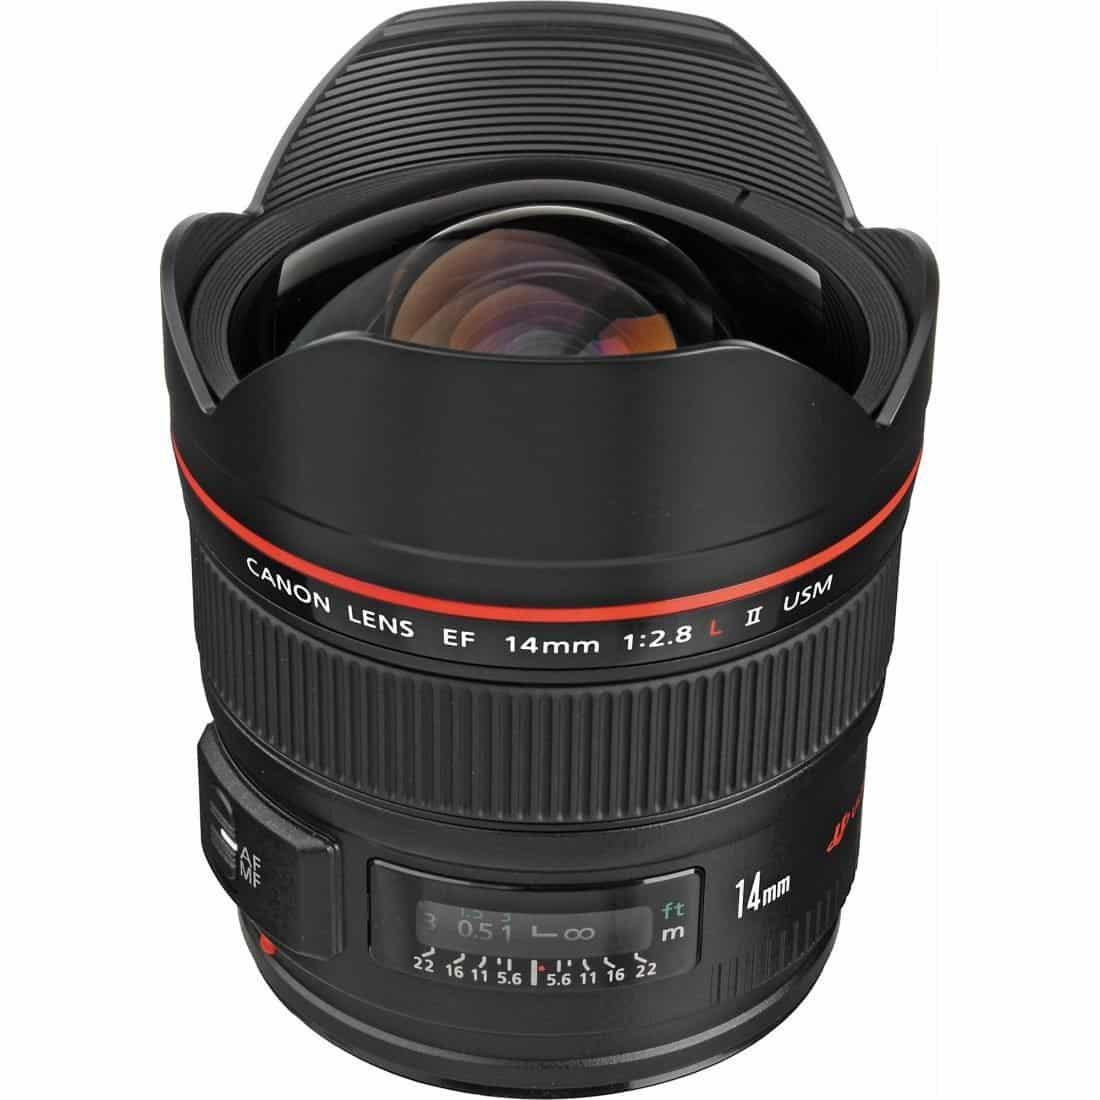 canon beirut lebanon lenses 14mm dslr-zone.com